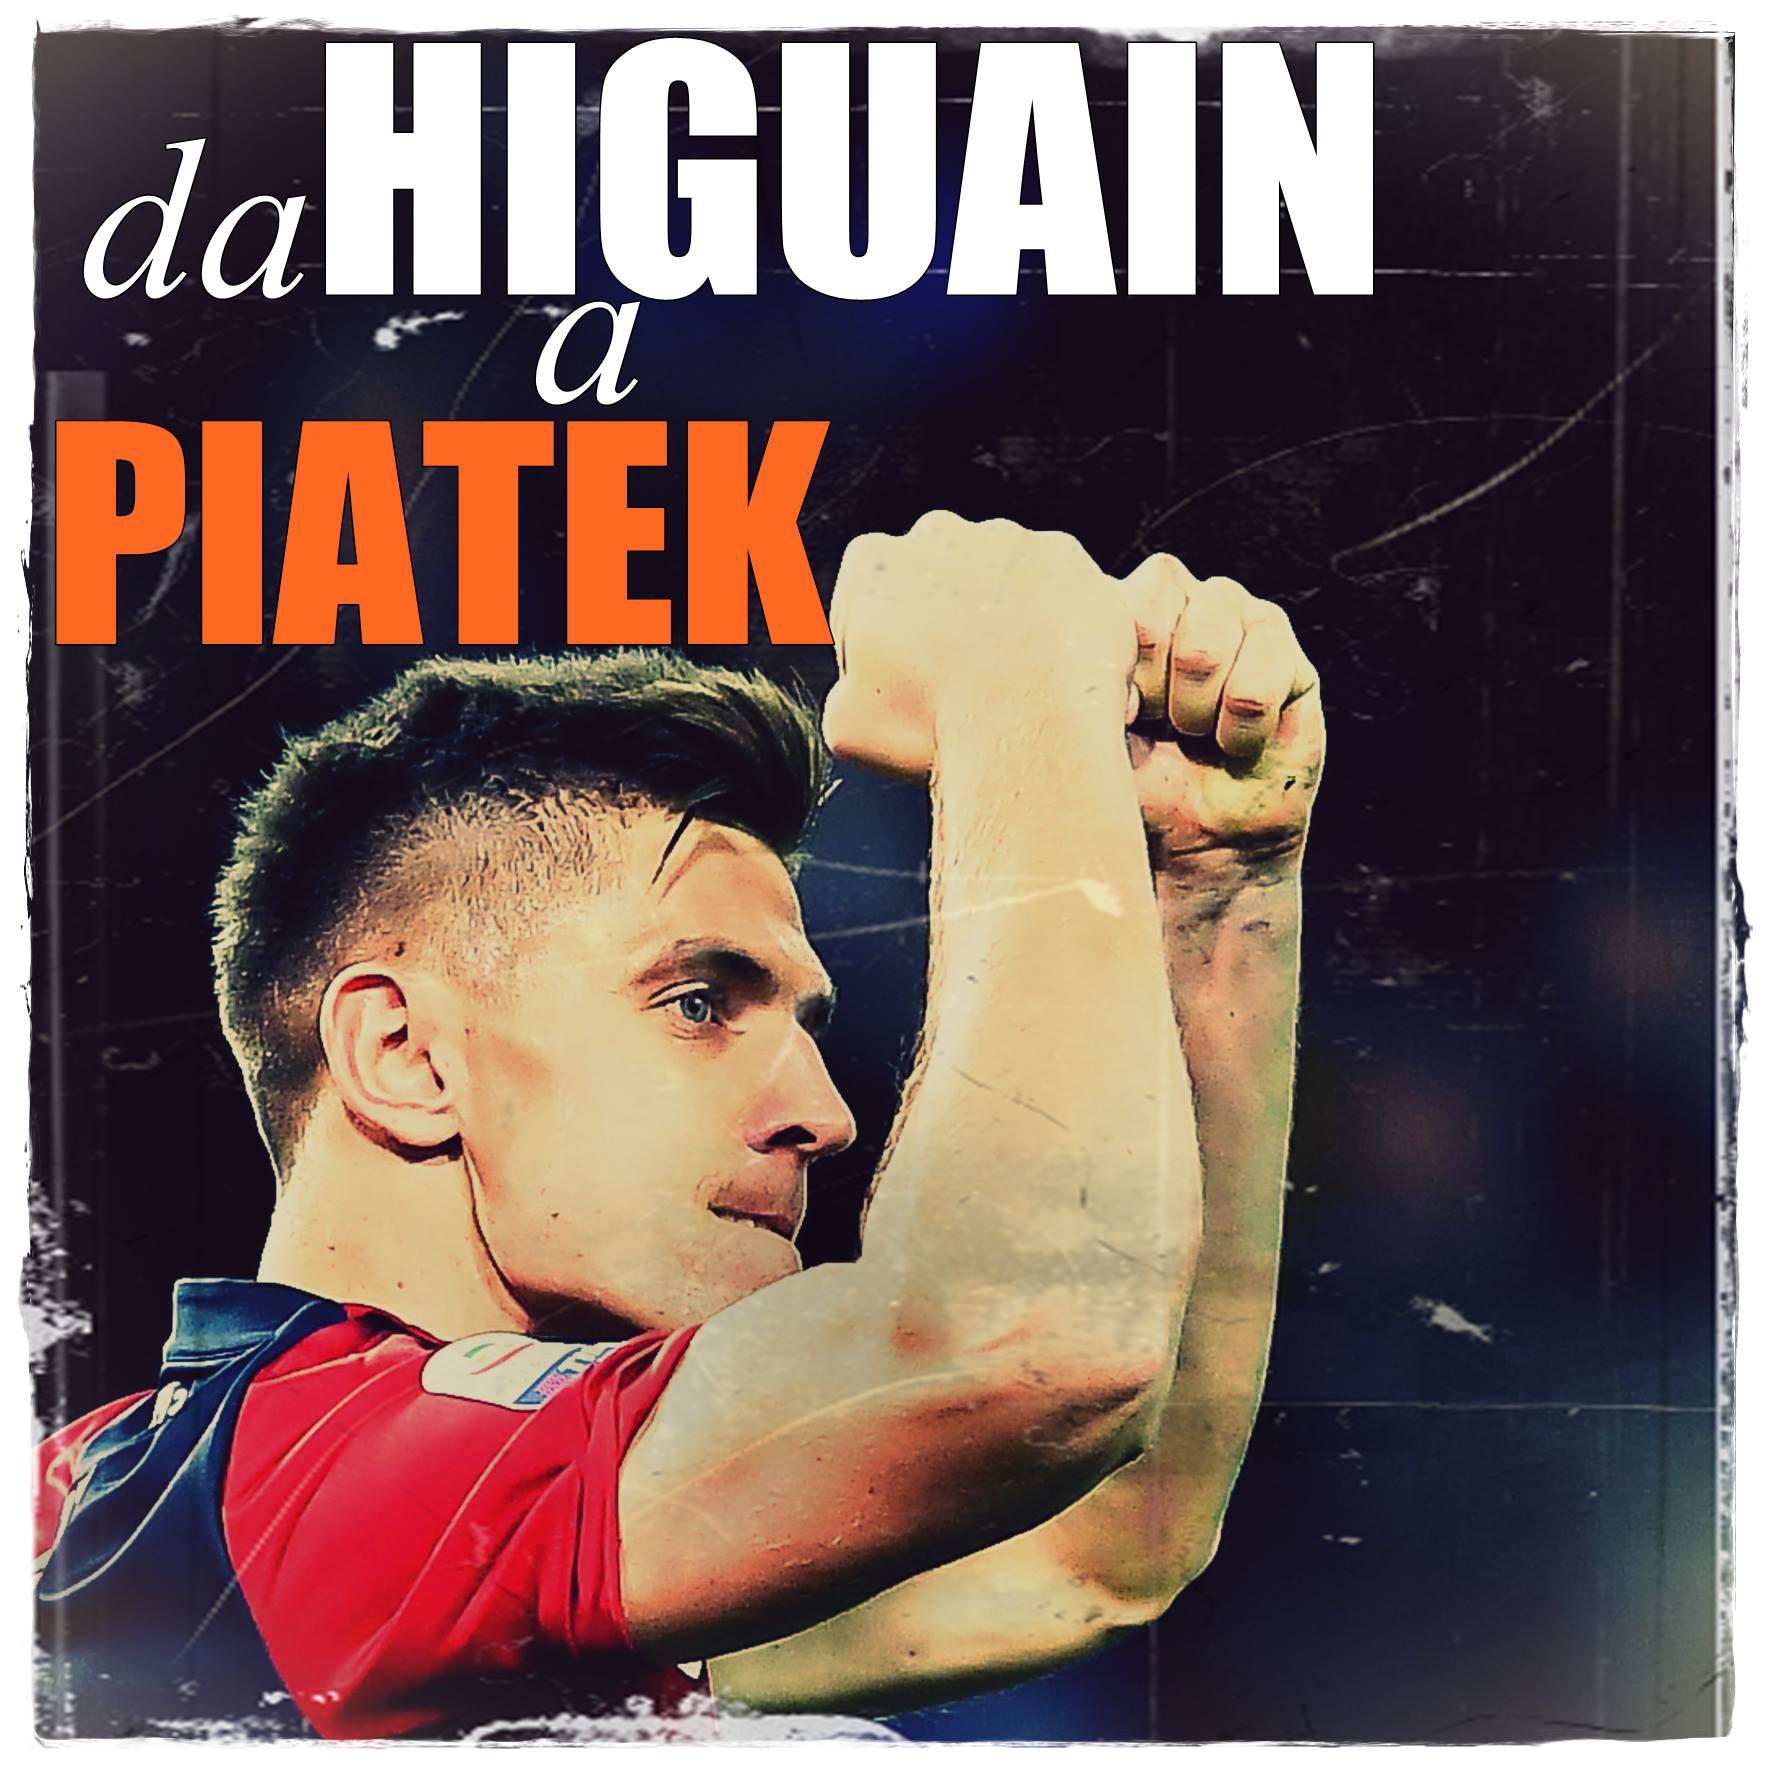 HIguain Piatek